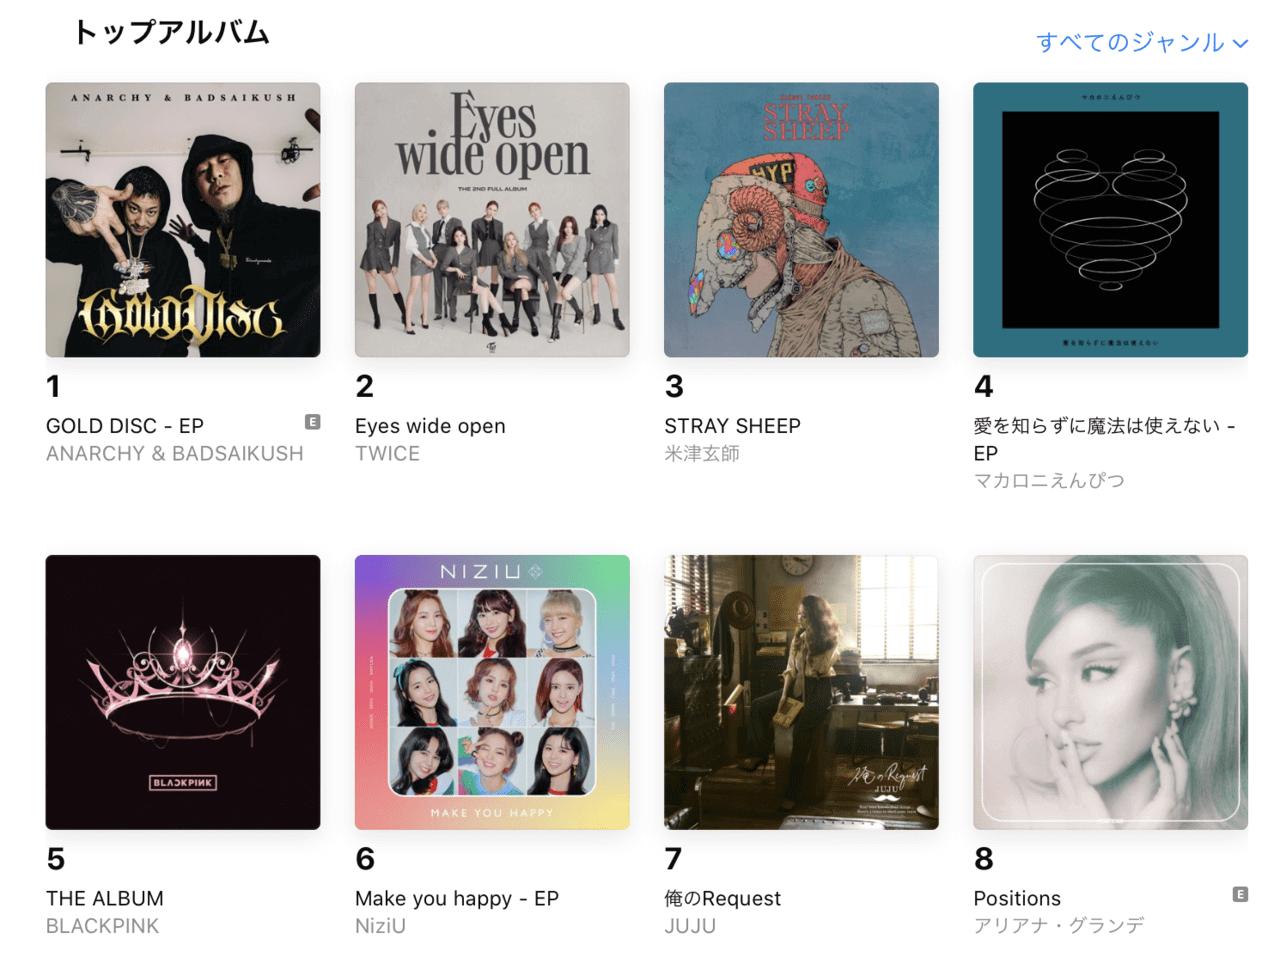 ANARCHYとBADSAIKUSH (舐達麻)のコラボEP『GOLD DISC』がApple Musicアルバム総合1位に